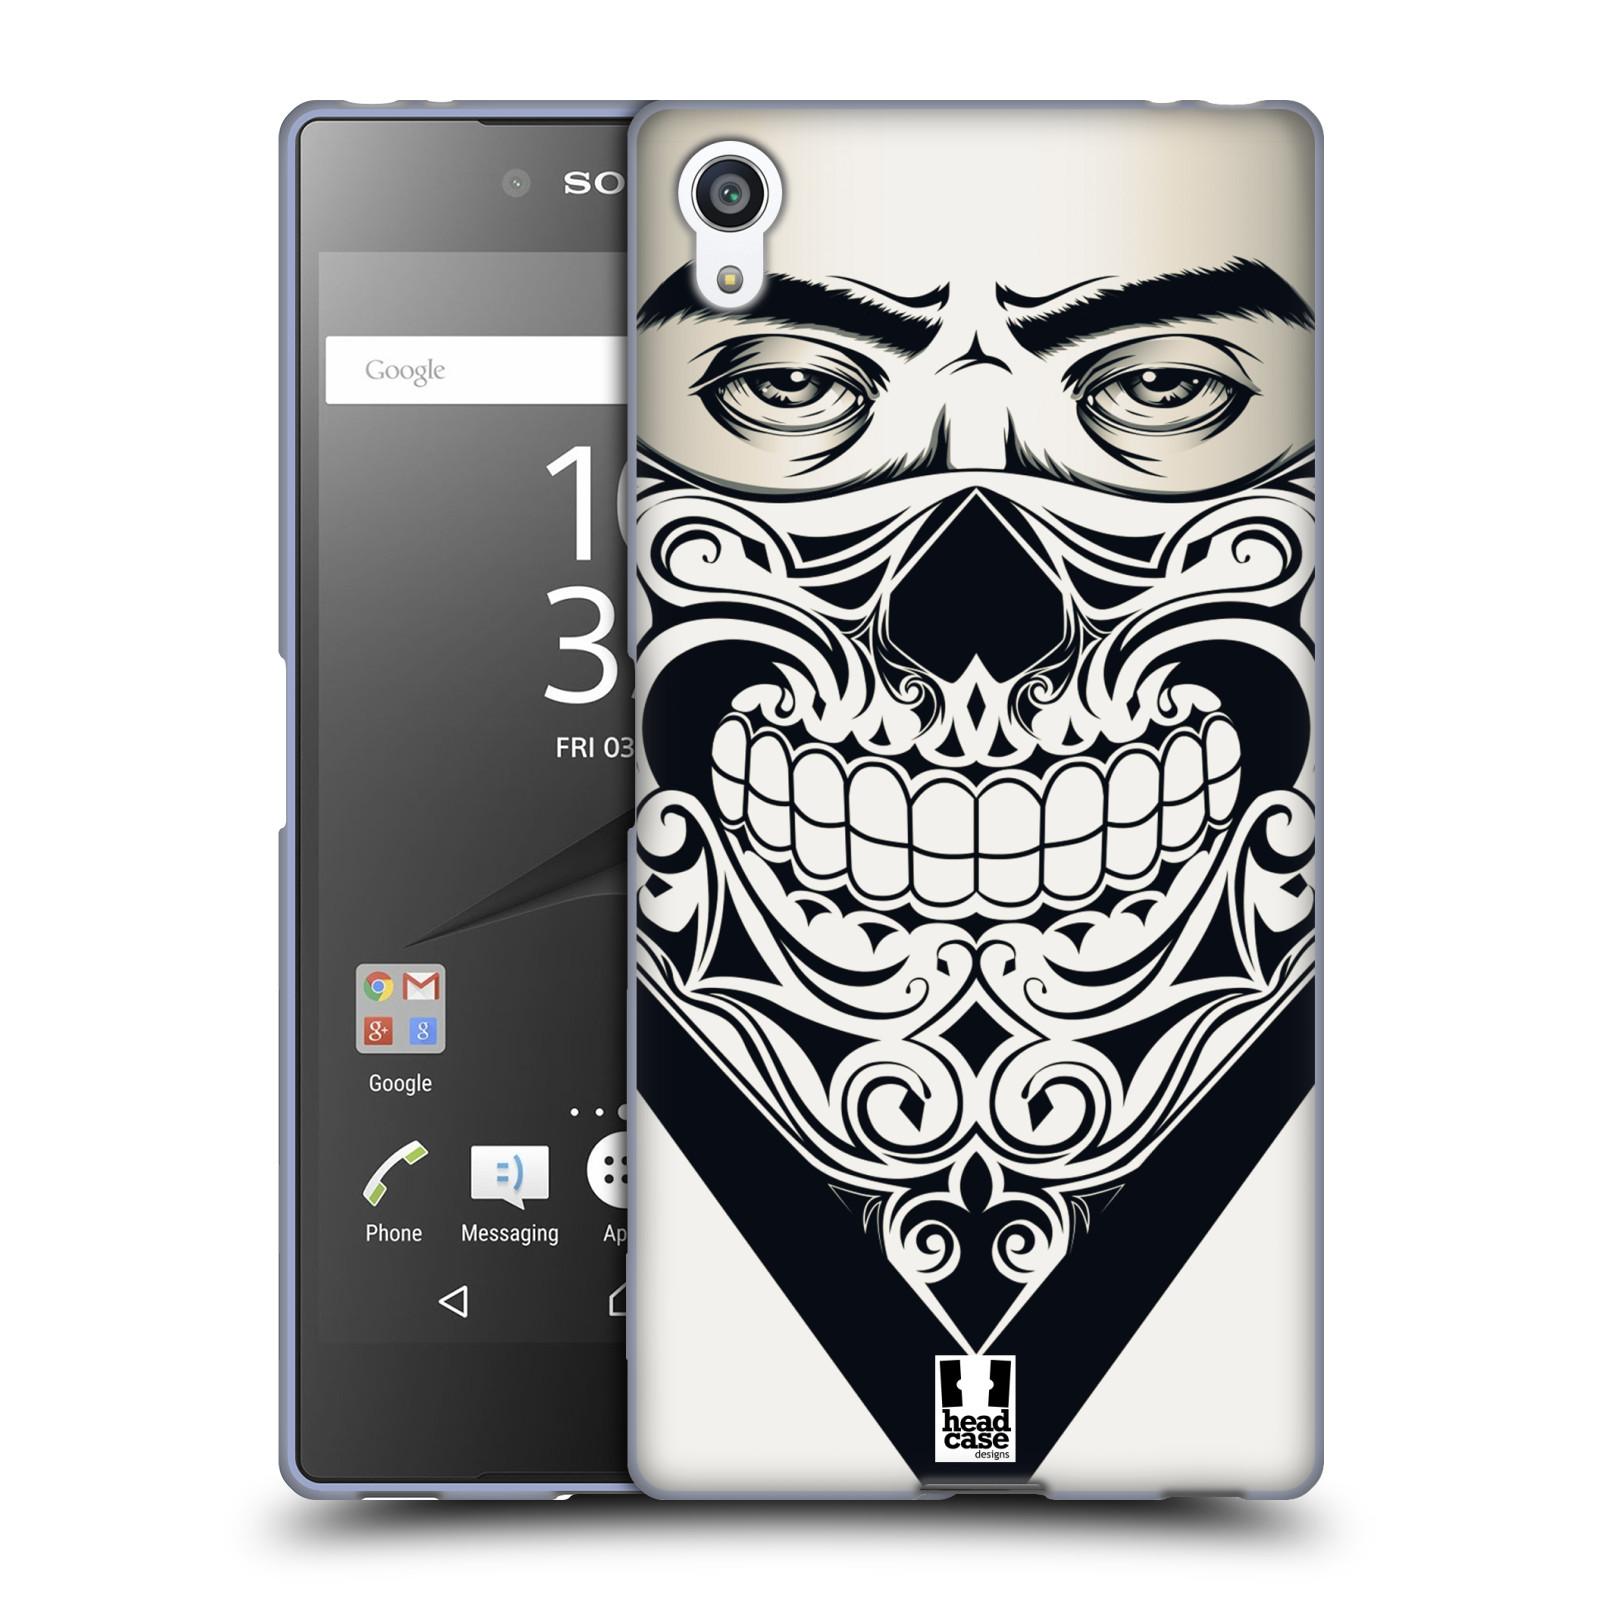 Silikonové pouzdro na mobil Sony Xperia Z5 Premium HEAD CASE LEBKA BANDANA